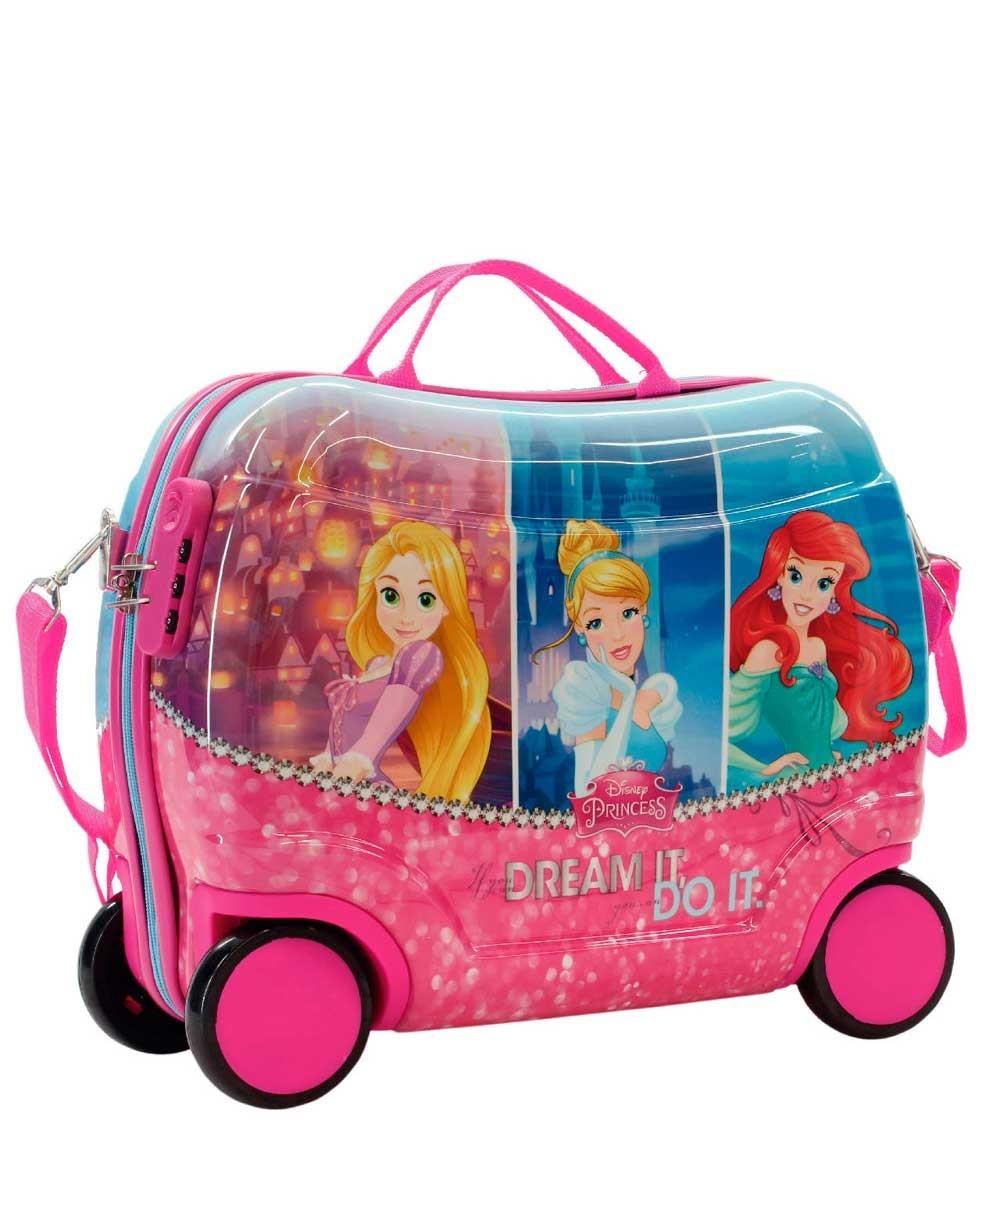 Disney Princess Maleta correpasillos Rosa 0